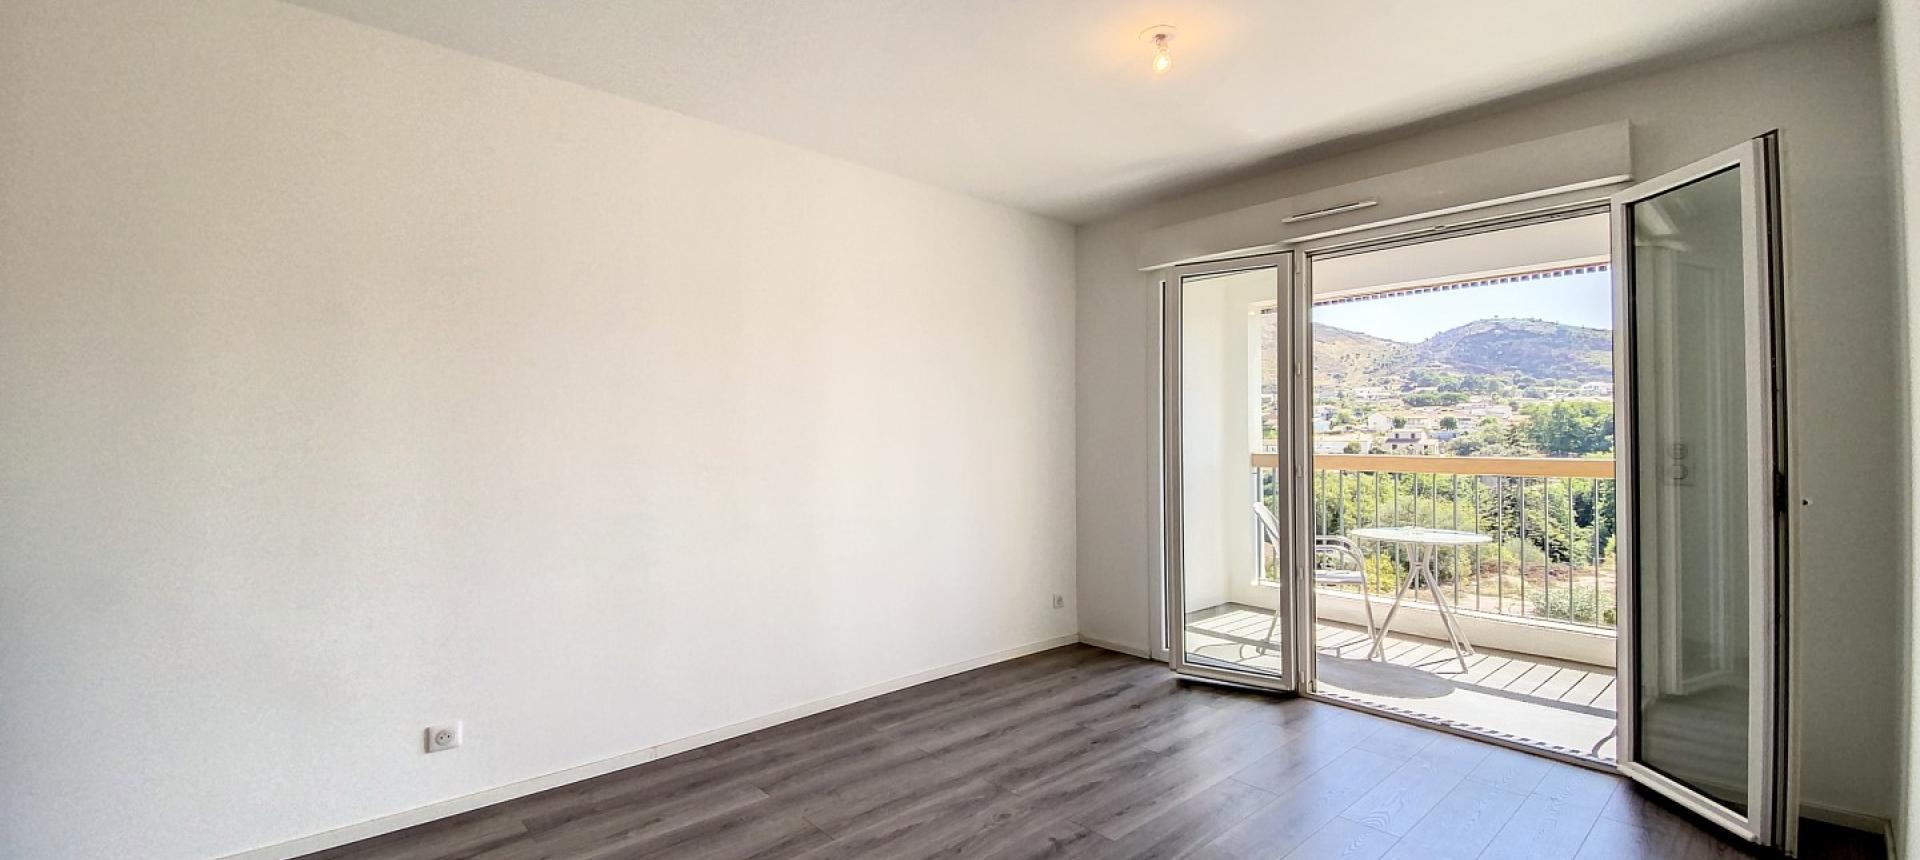 Séjour - Vente appartement T2 à Ajaccio secteur Mezzavia